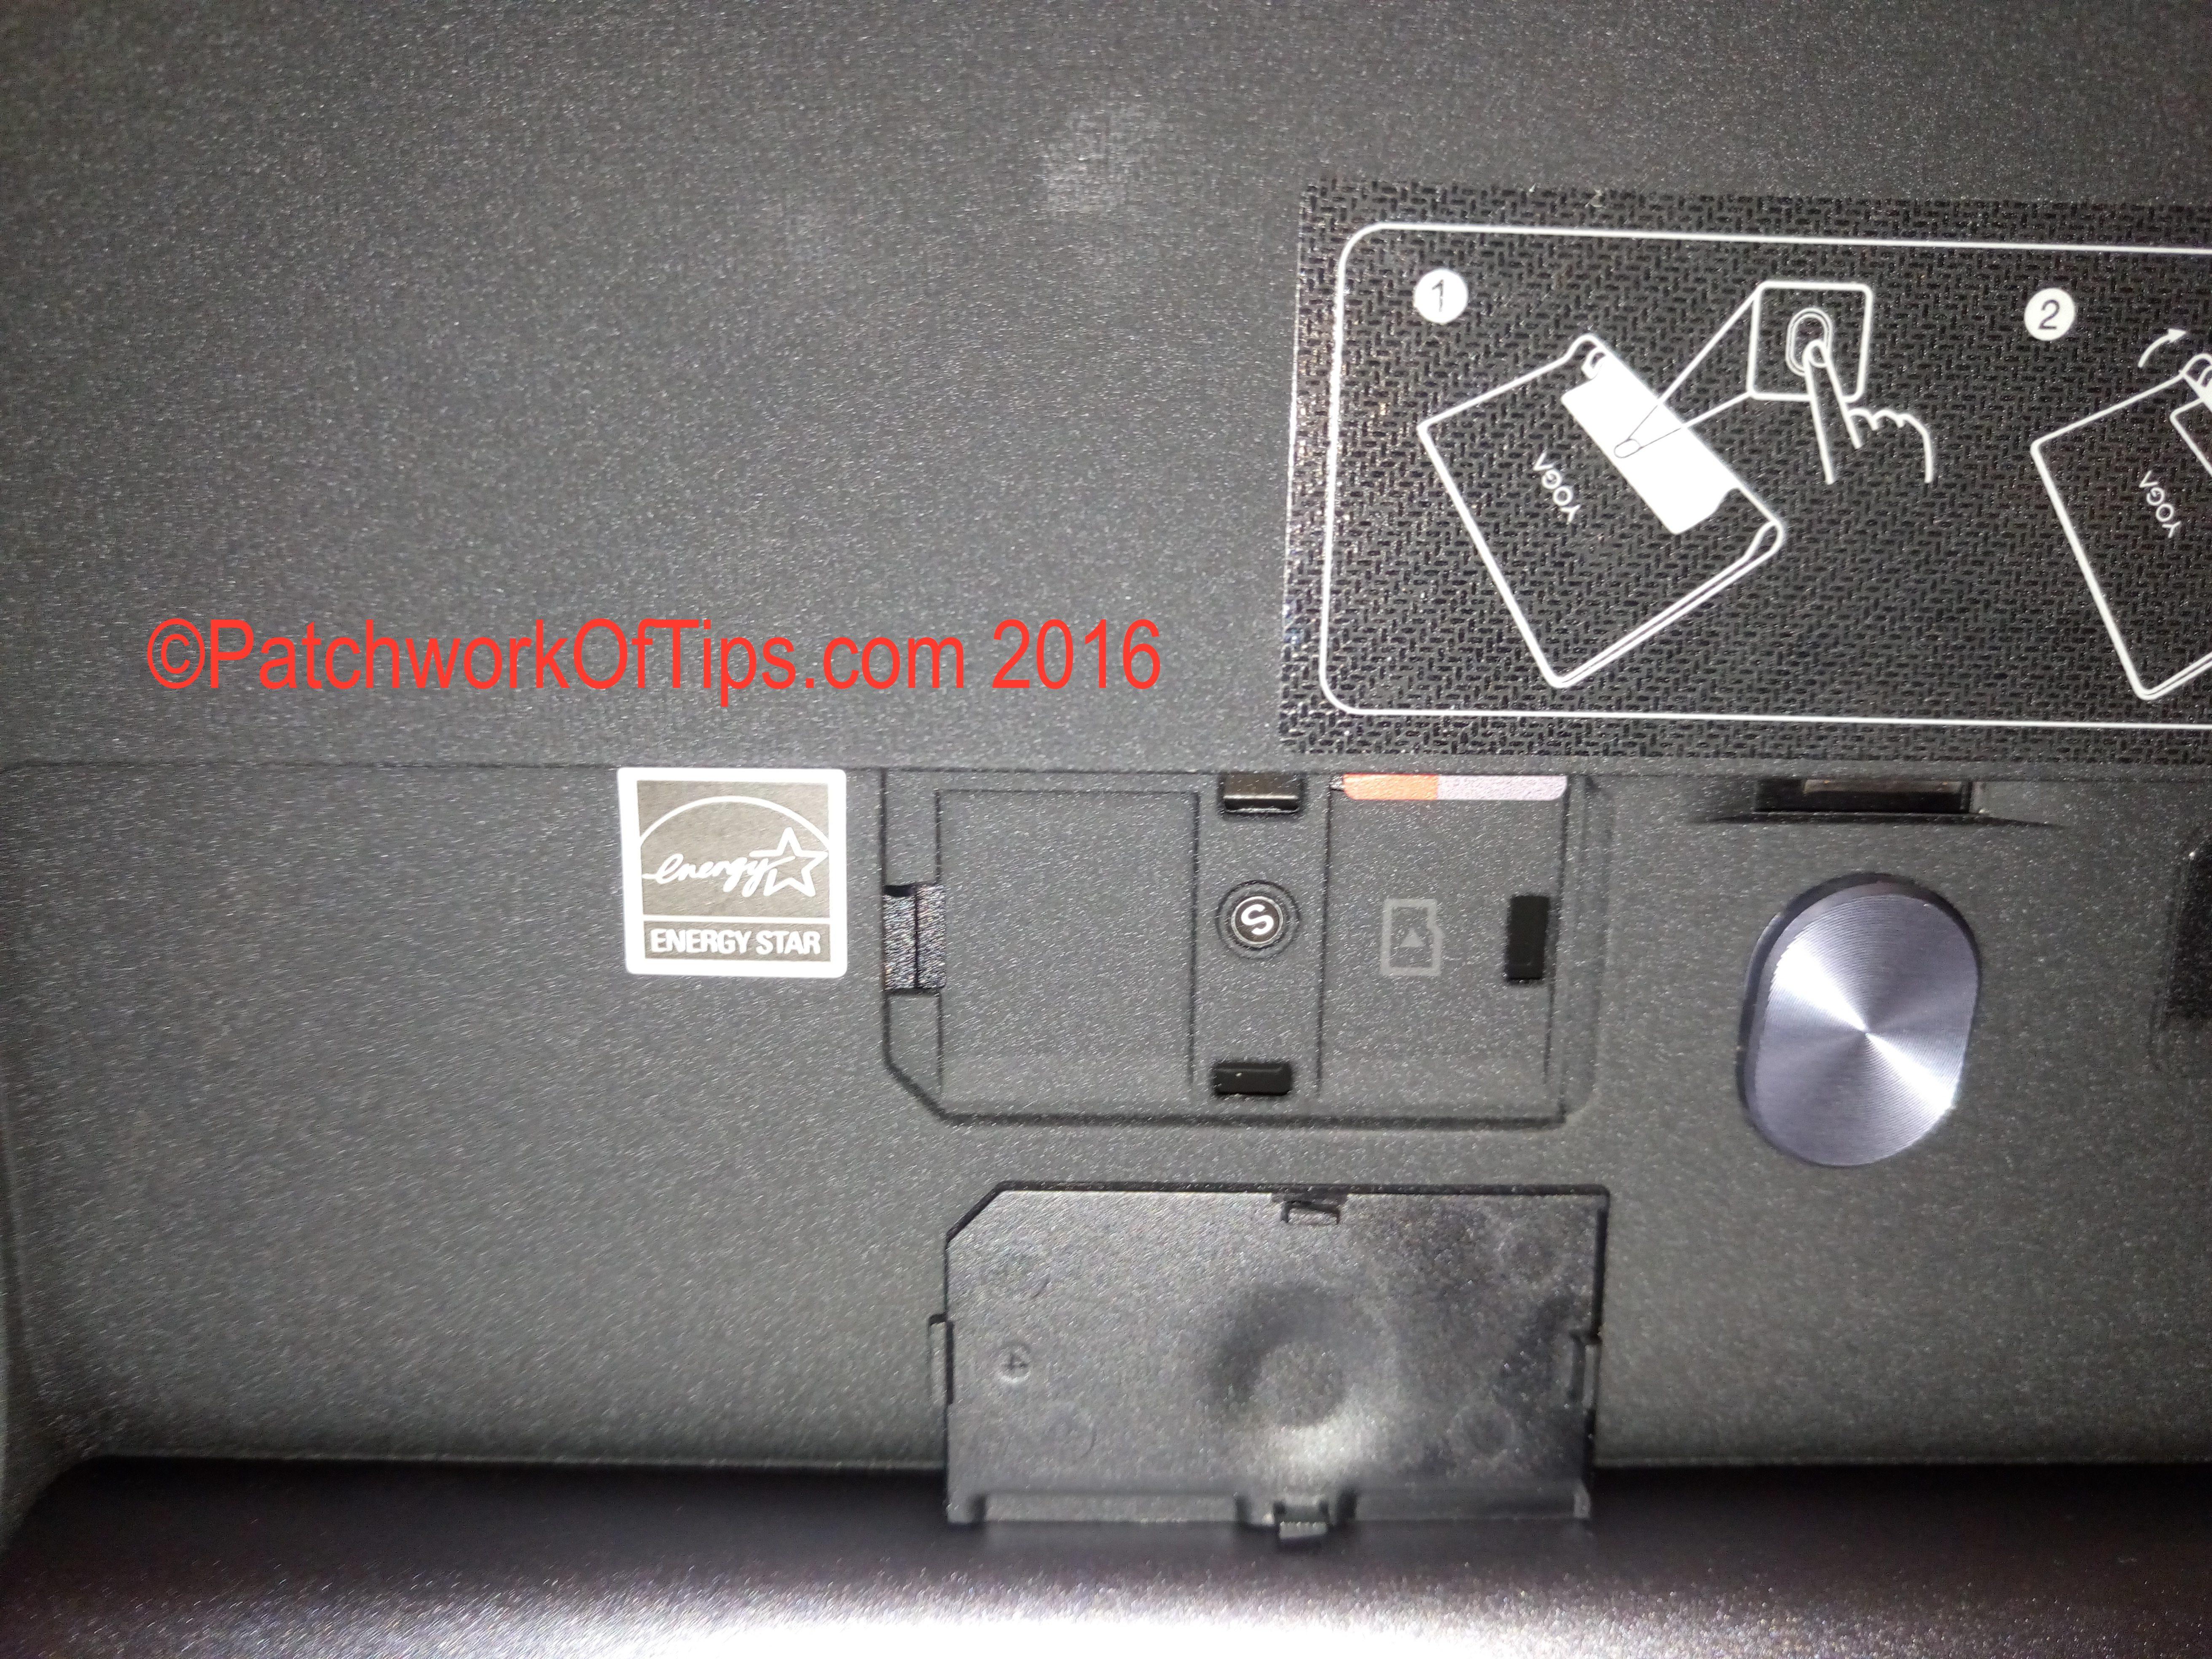 Lenovo Yoga Tab 3 10 MicroSD, SIM Slot and Kickstand